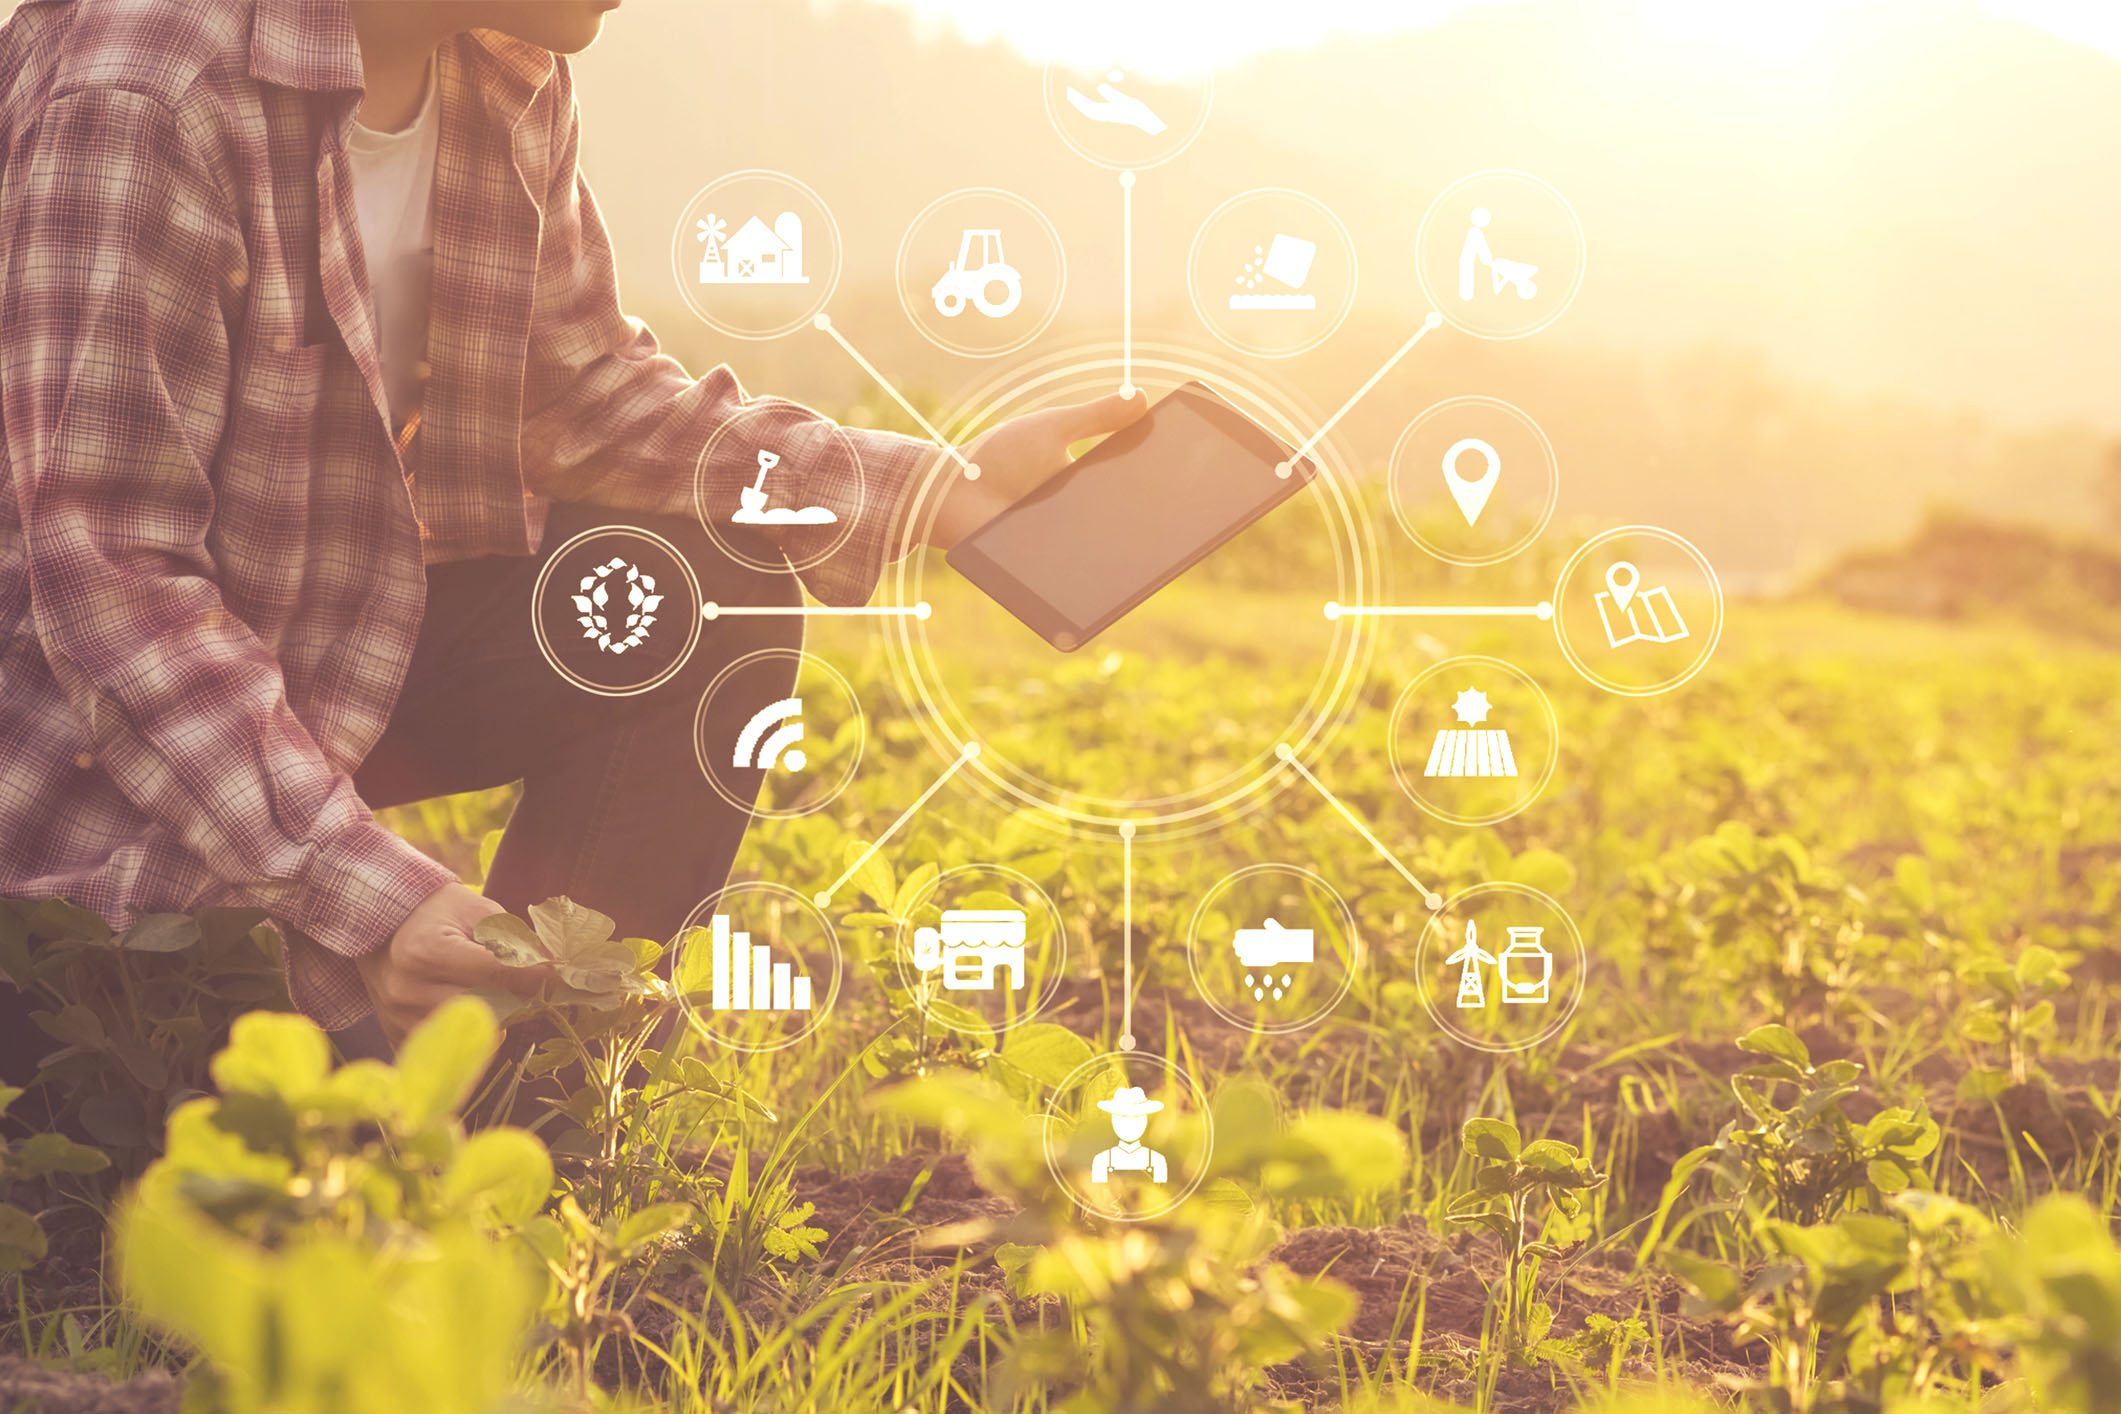 Le plan de relance vise à accélérer la transformation technologique et écologique des acteurs de l'agroalimentaire